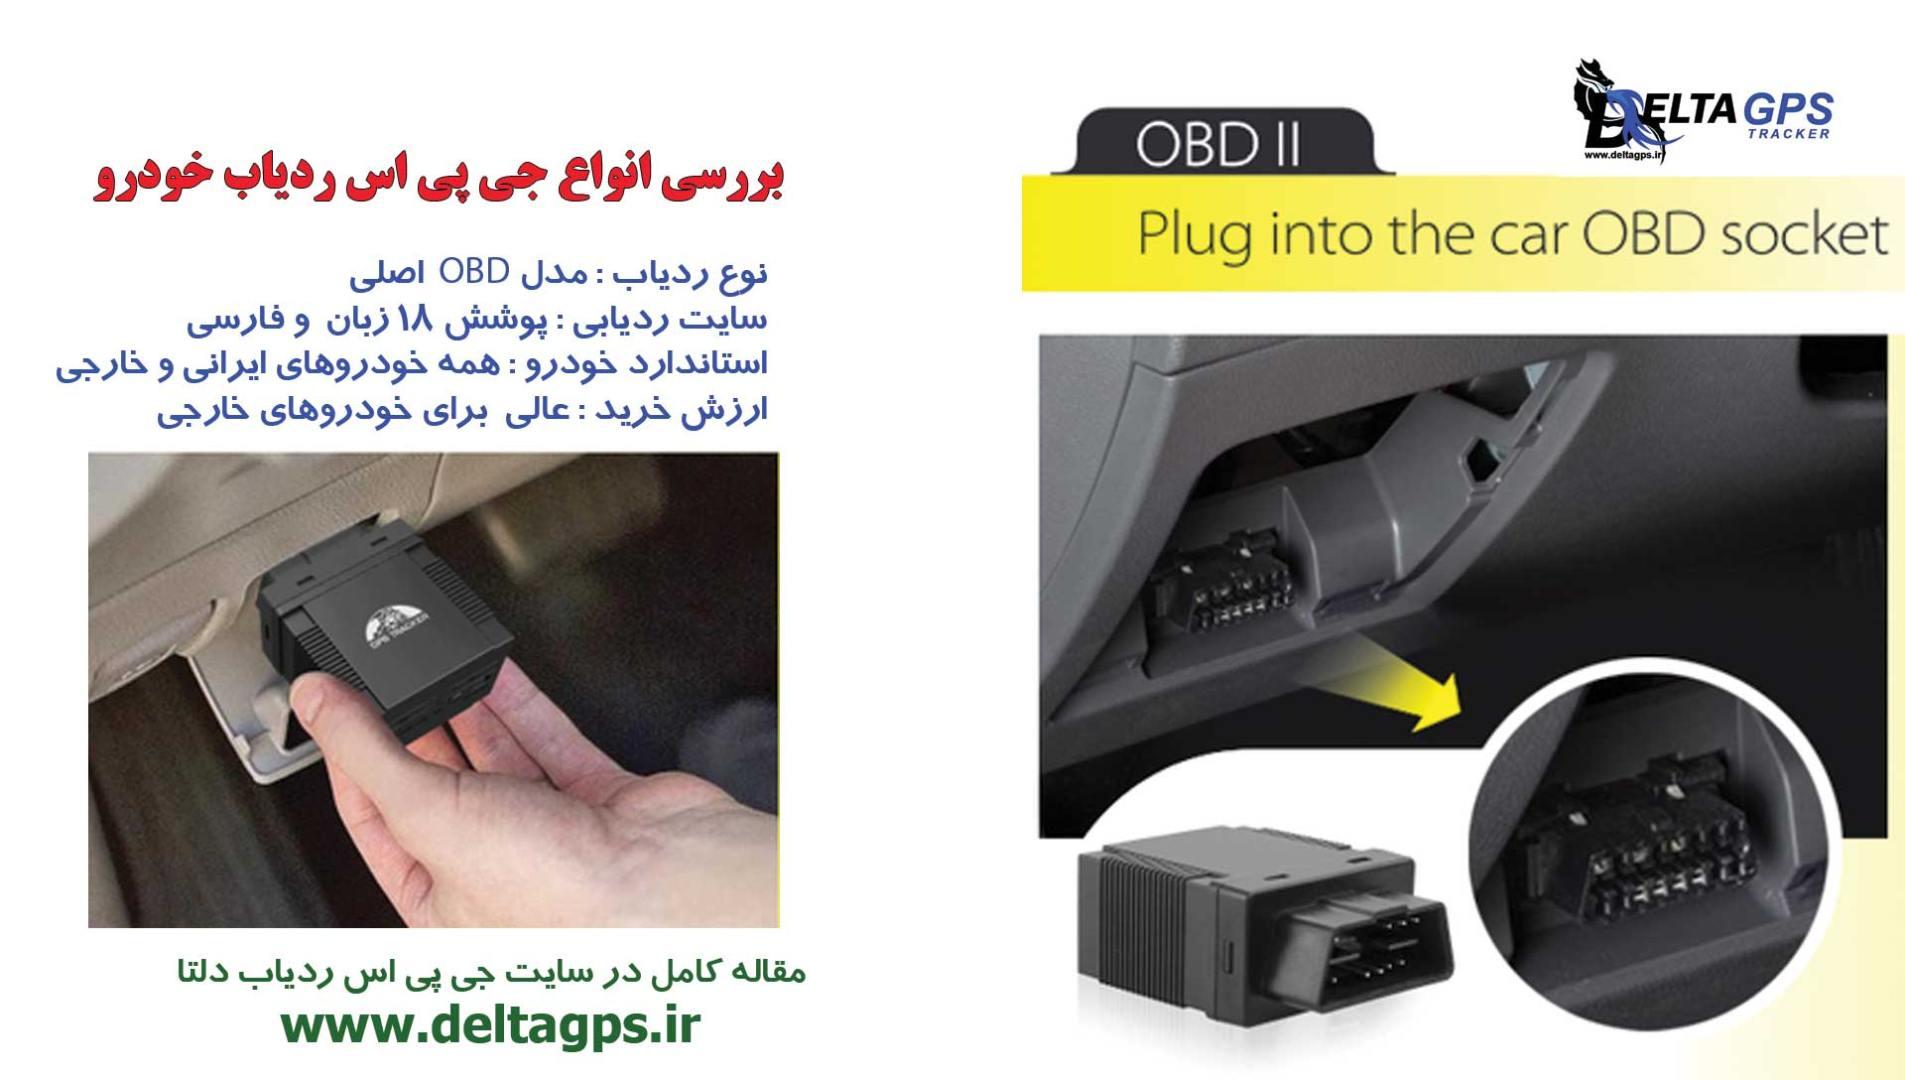 معرفی انواع جی پی اس خودرو مدل OBD از نوع عالی